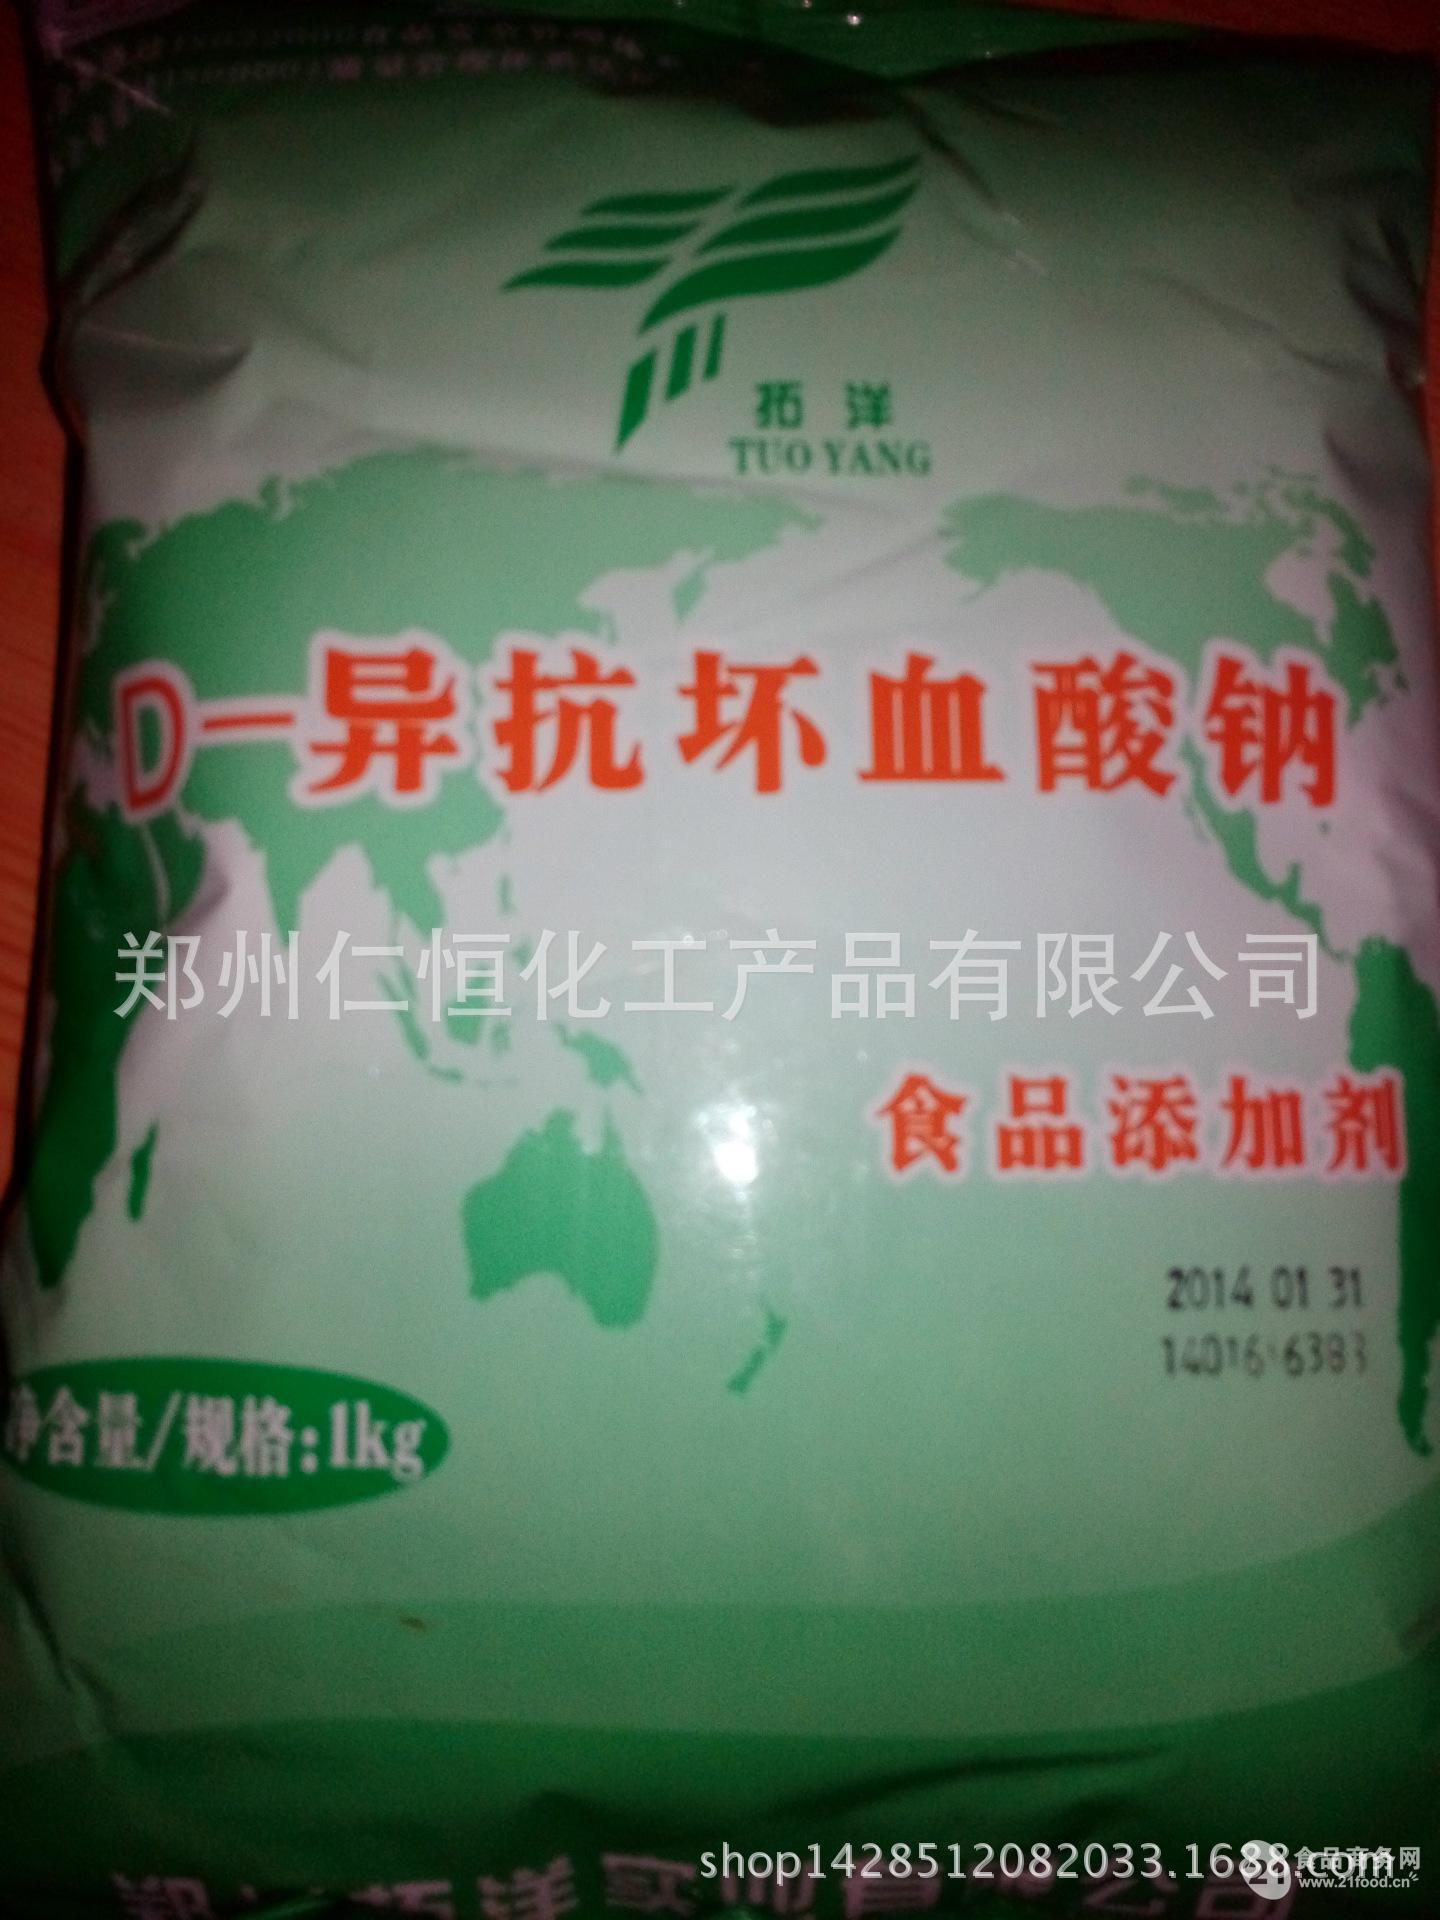 拓洋异VC钠 百勤异VC钠 1kg起订 价格低 食